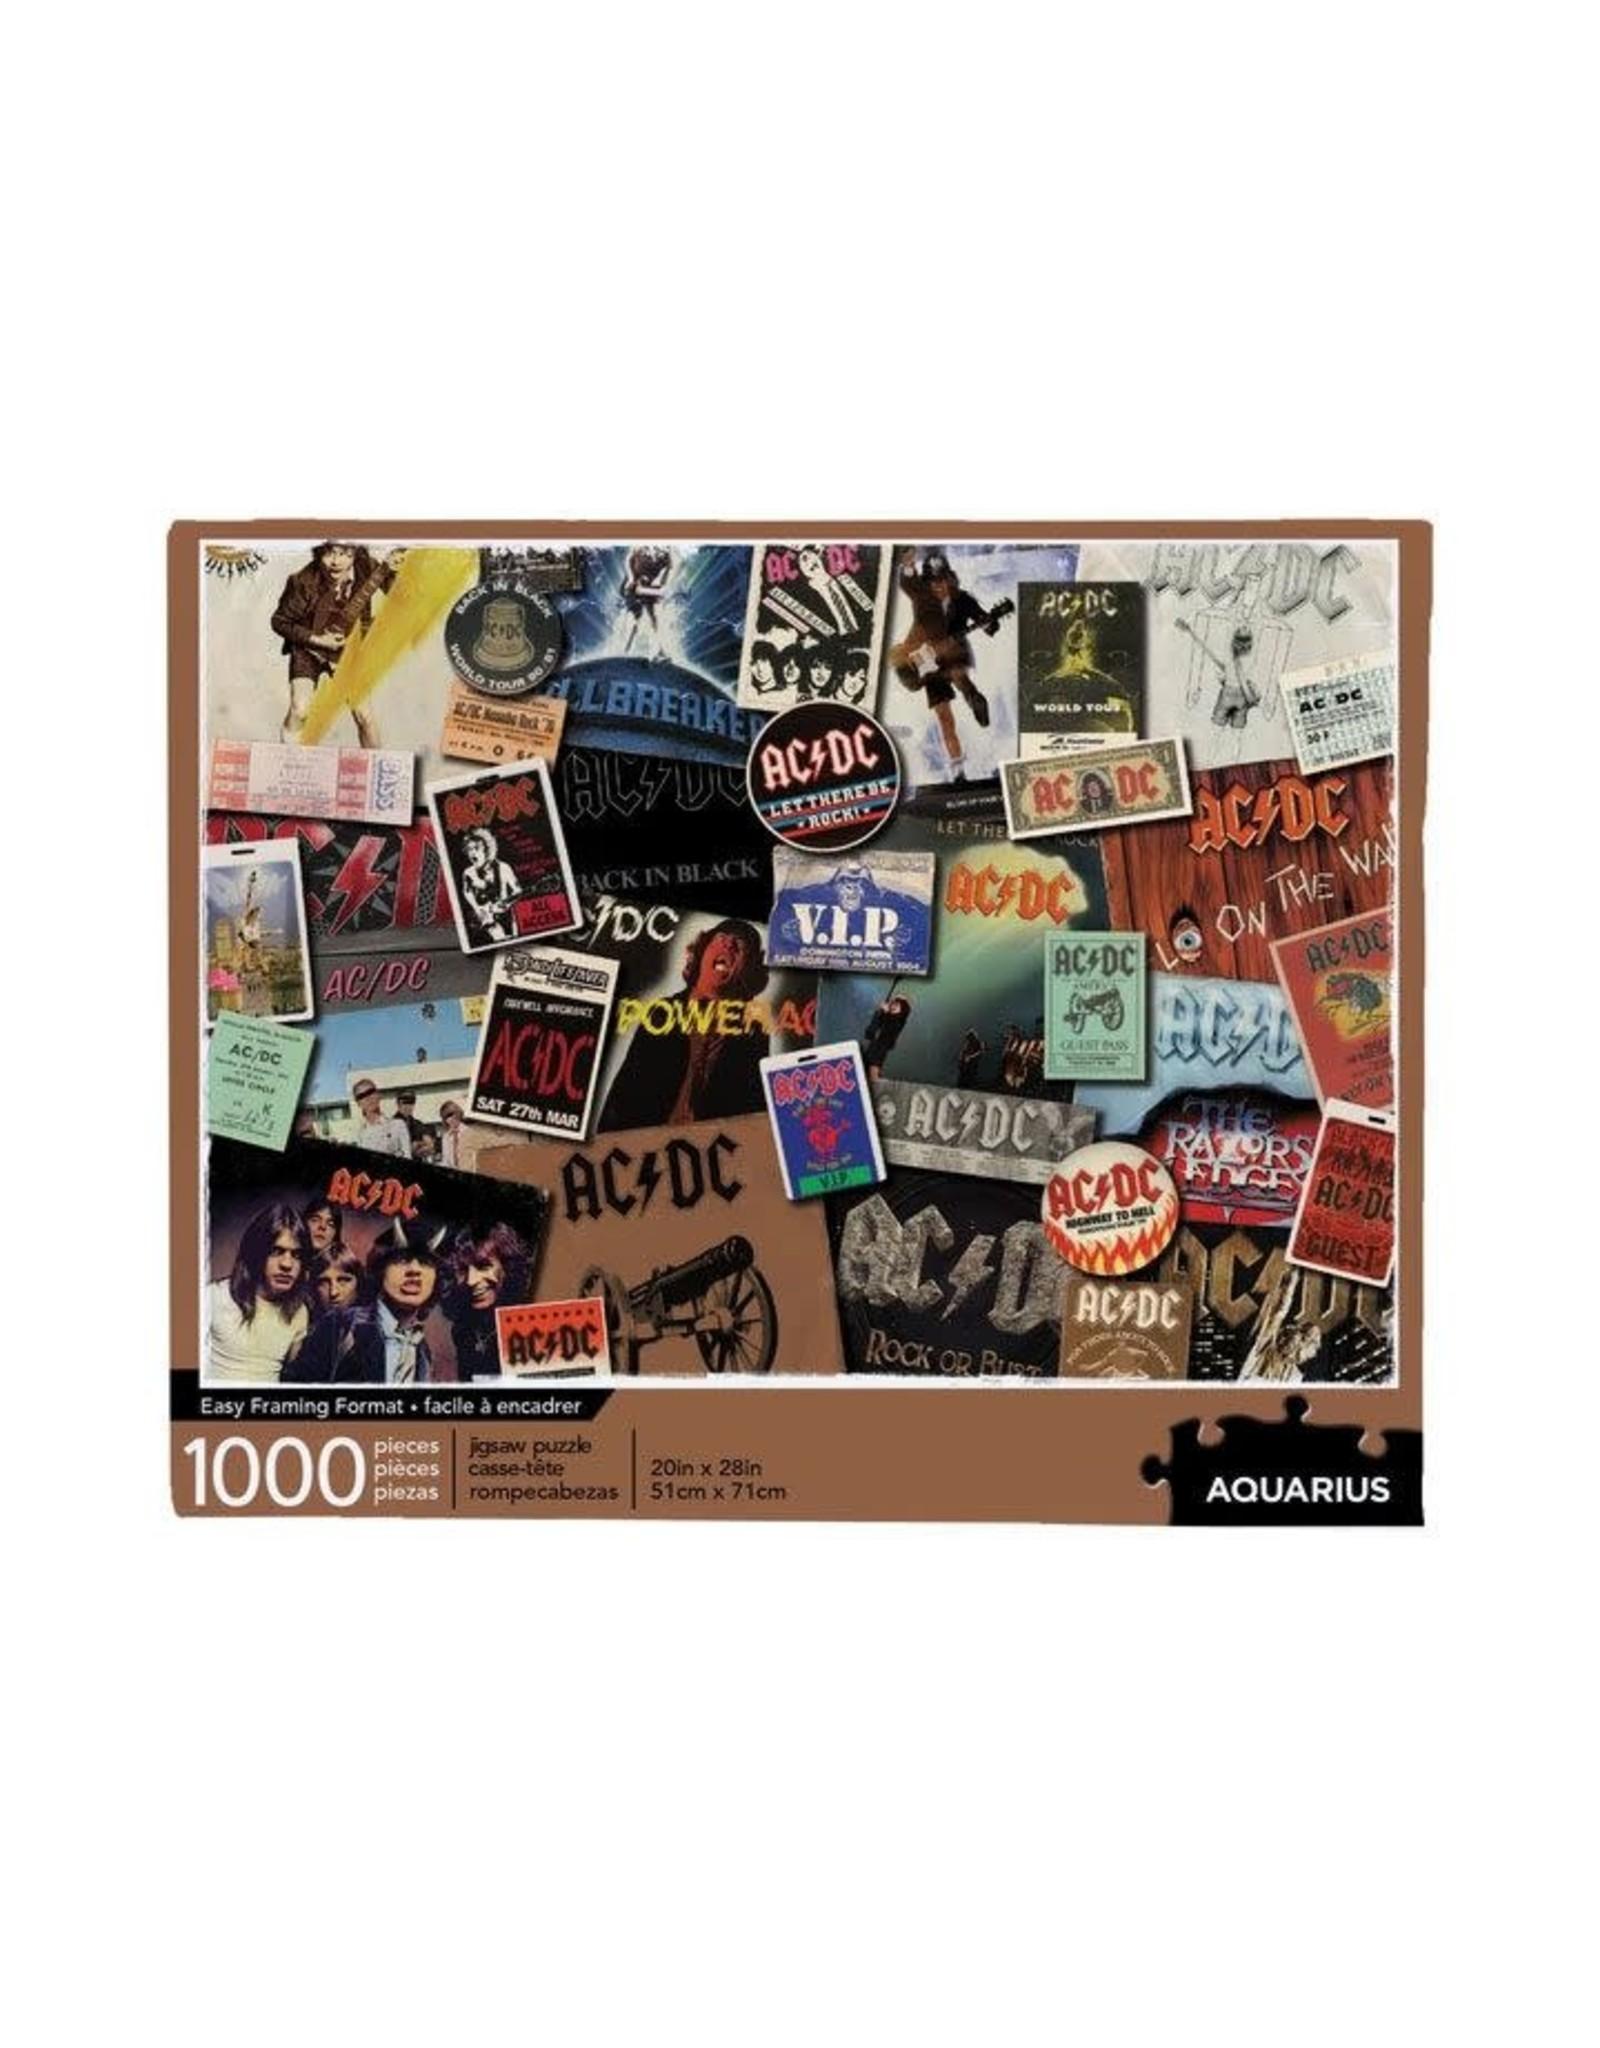 Aquarius Ent AC/DC Puzzle 1000P - Albums